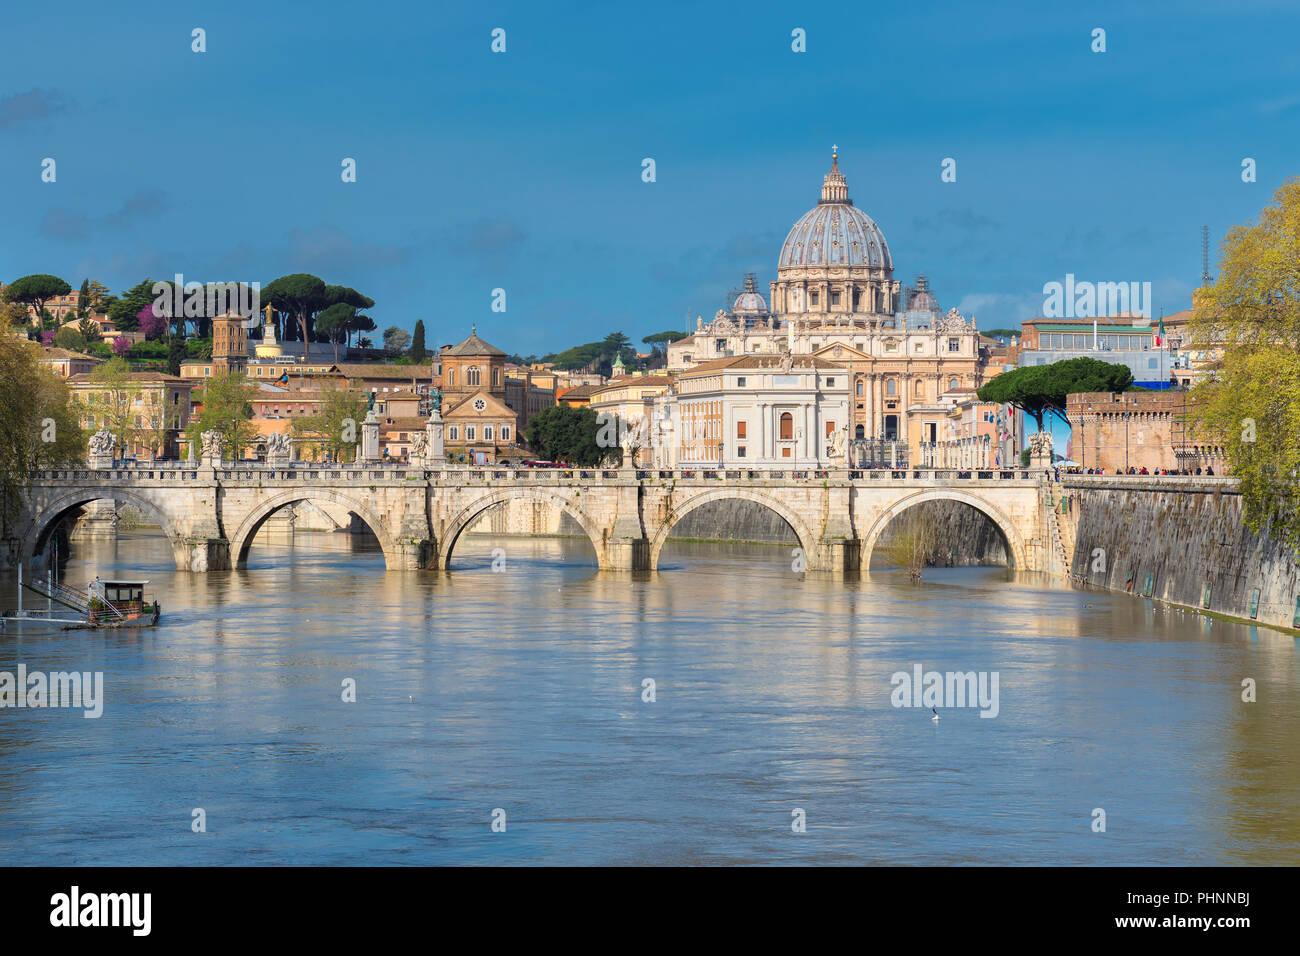 Bellissima vista della Basilica di San Pietro con ponte in Vaticano, Roma, Italia. Immagini Stock